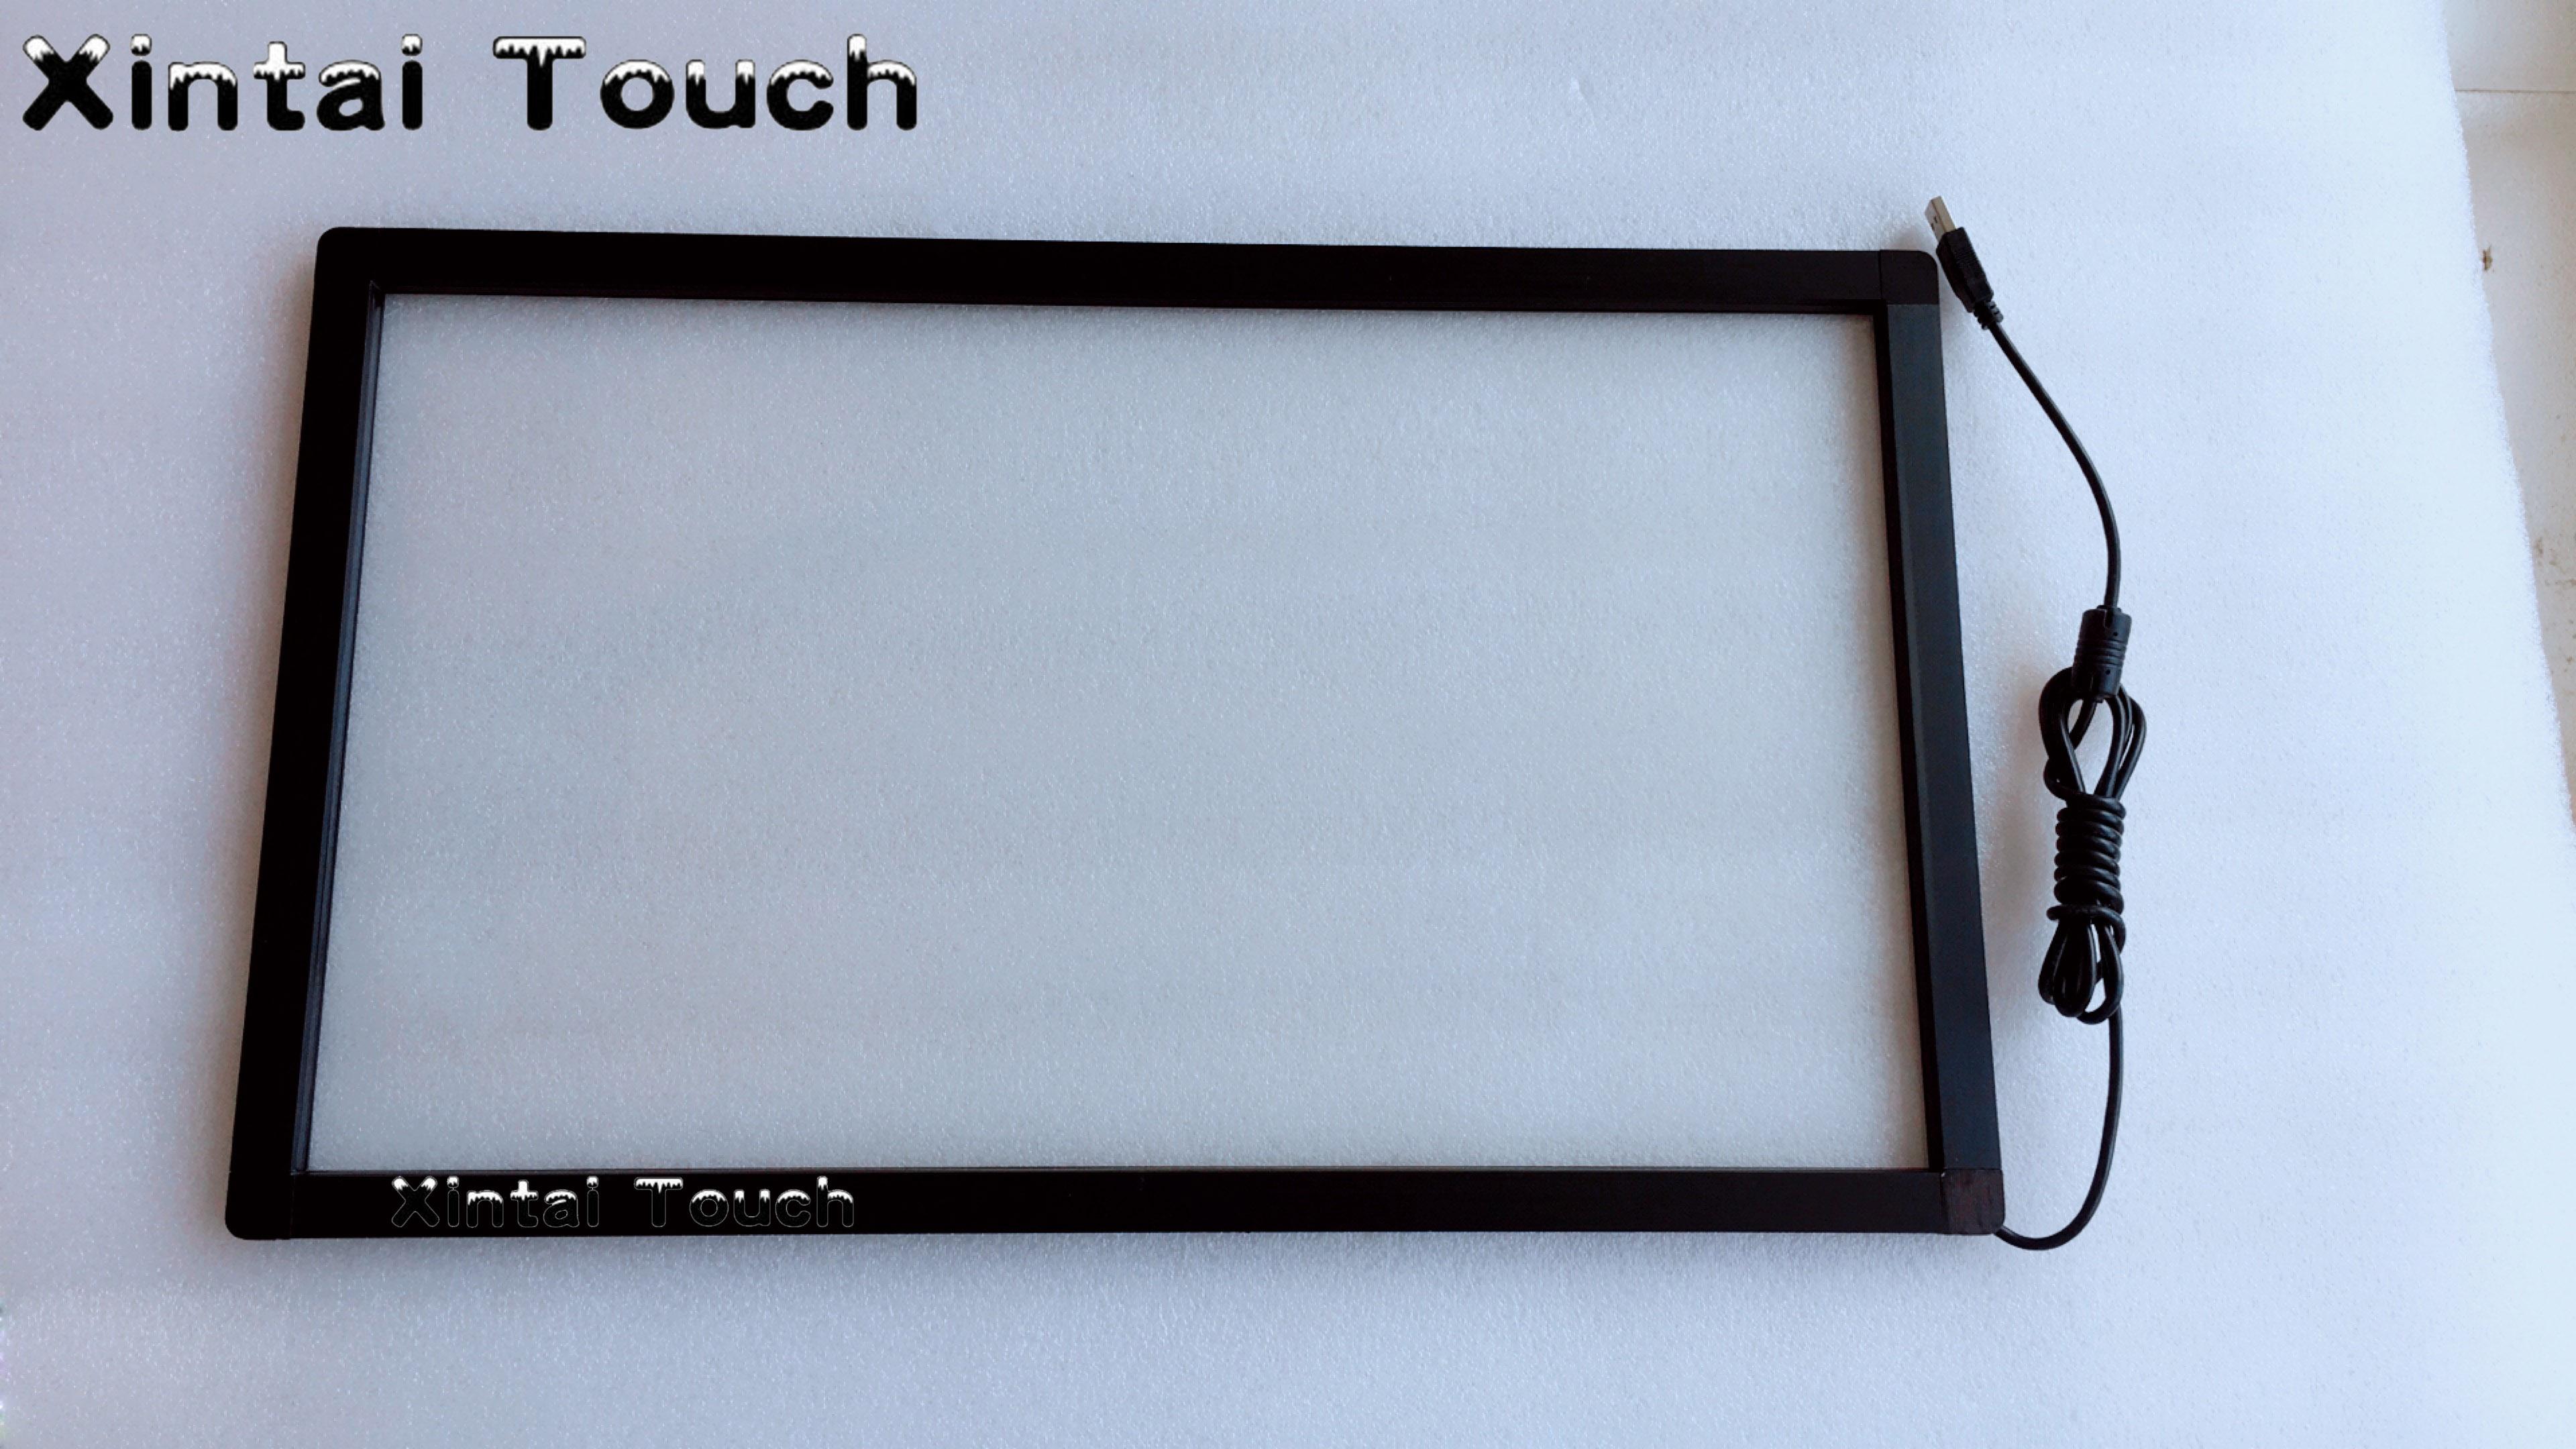 شاشة تعمل باللمس بالأشعة تحت الحمراء مقاس 40 بوصة ، إطار شاشة لمس متعددة 10 نقاط للتلفزيون الذكي ، لوحة شاشة كبيرة تعمل باللمس